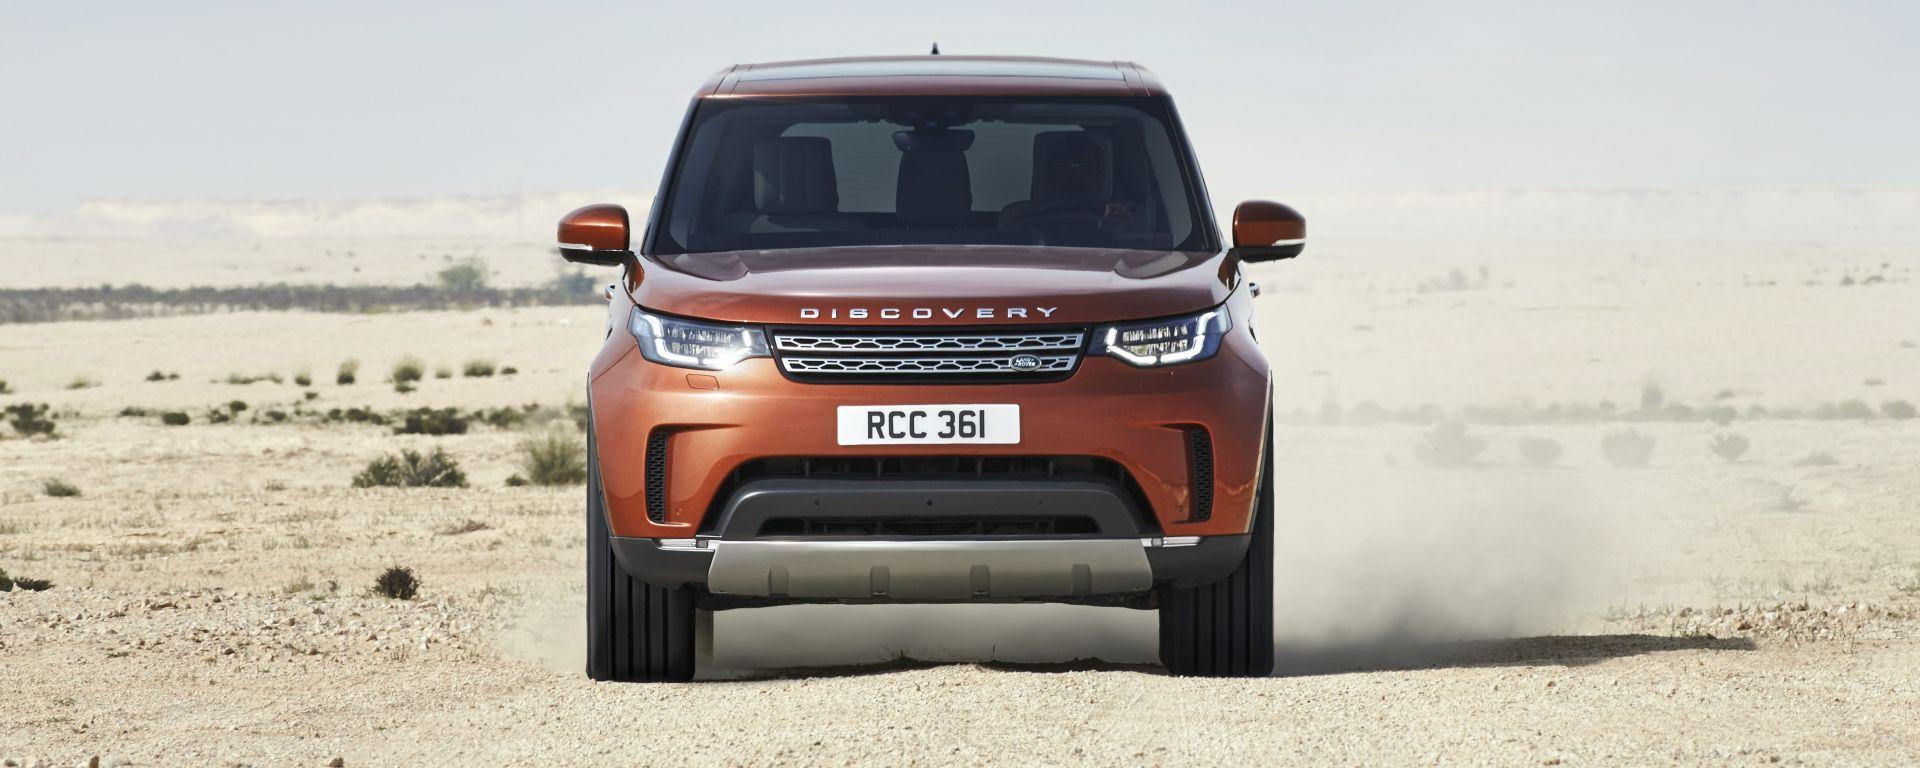 Land Rover Discovery: disponibile da primavera 2017